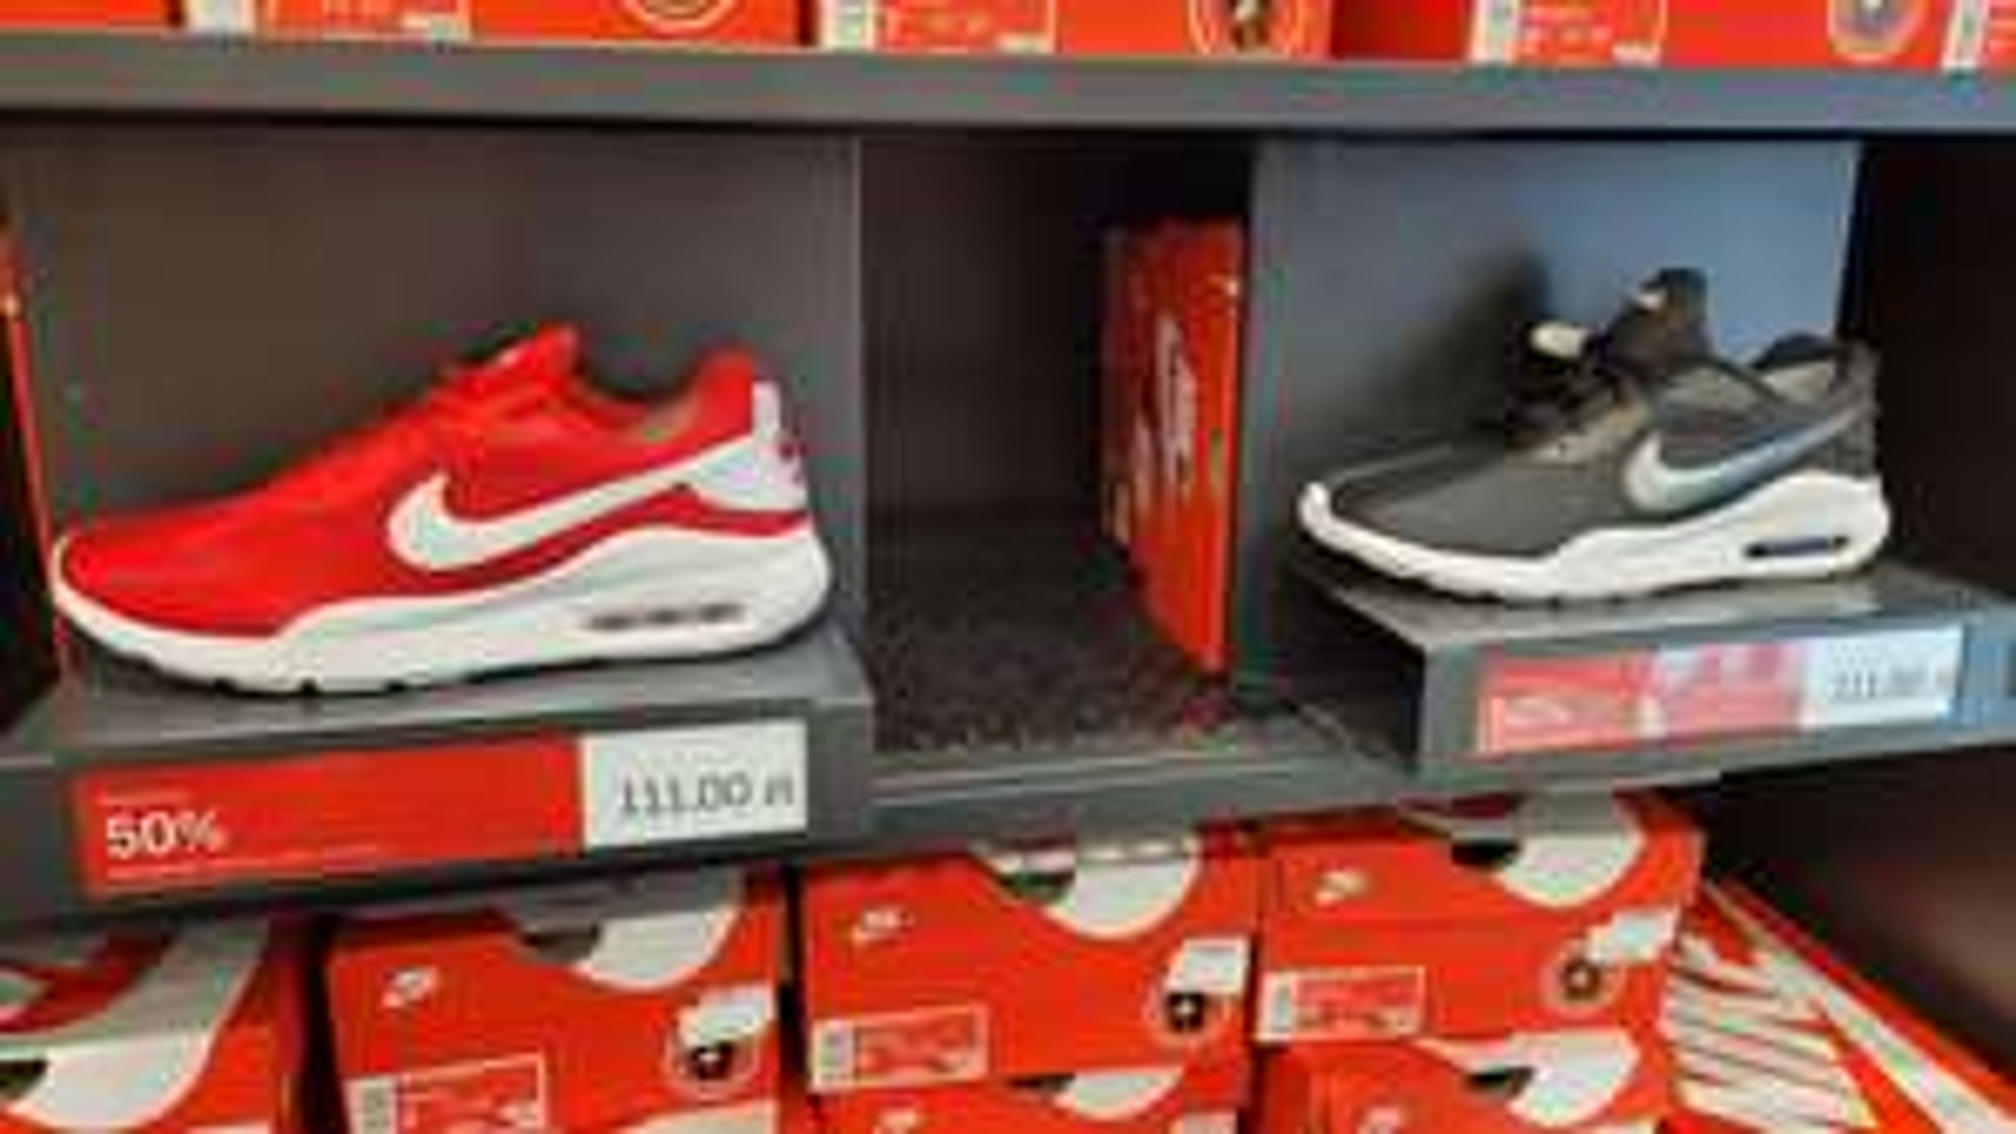 Airmaxy Nike Fashion Outlet Wrocław